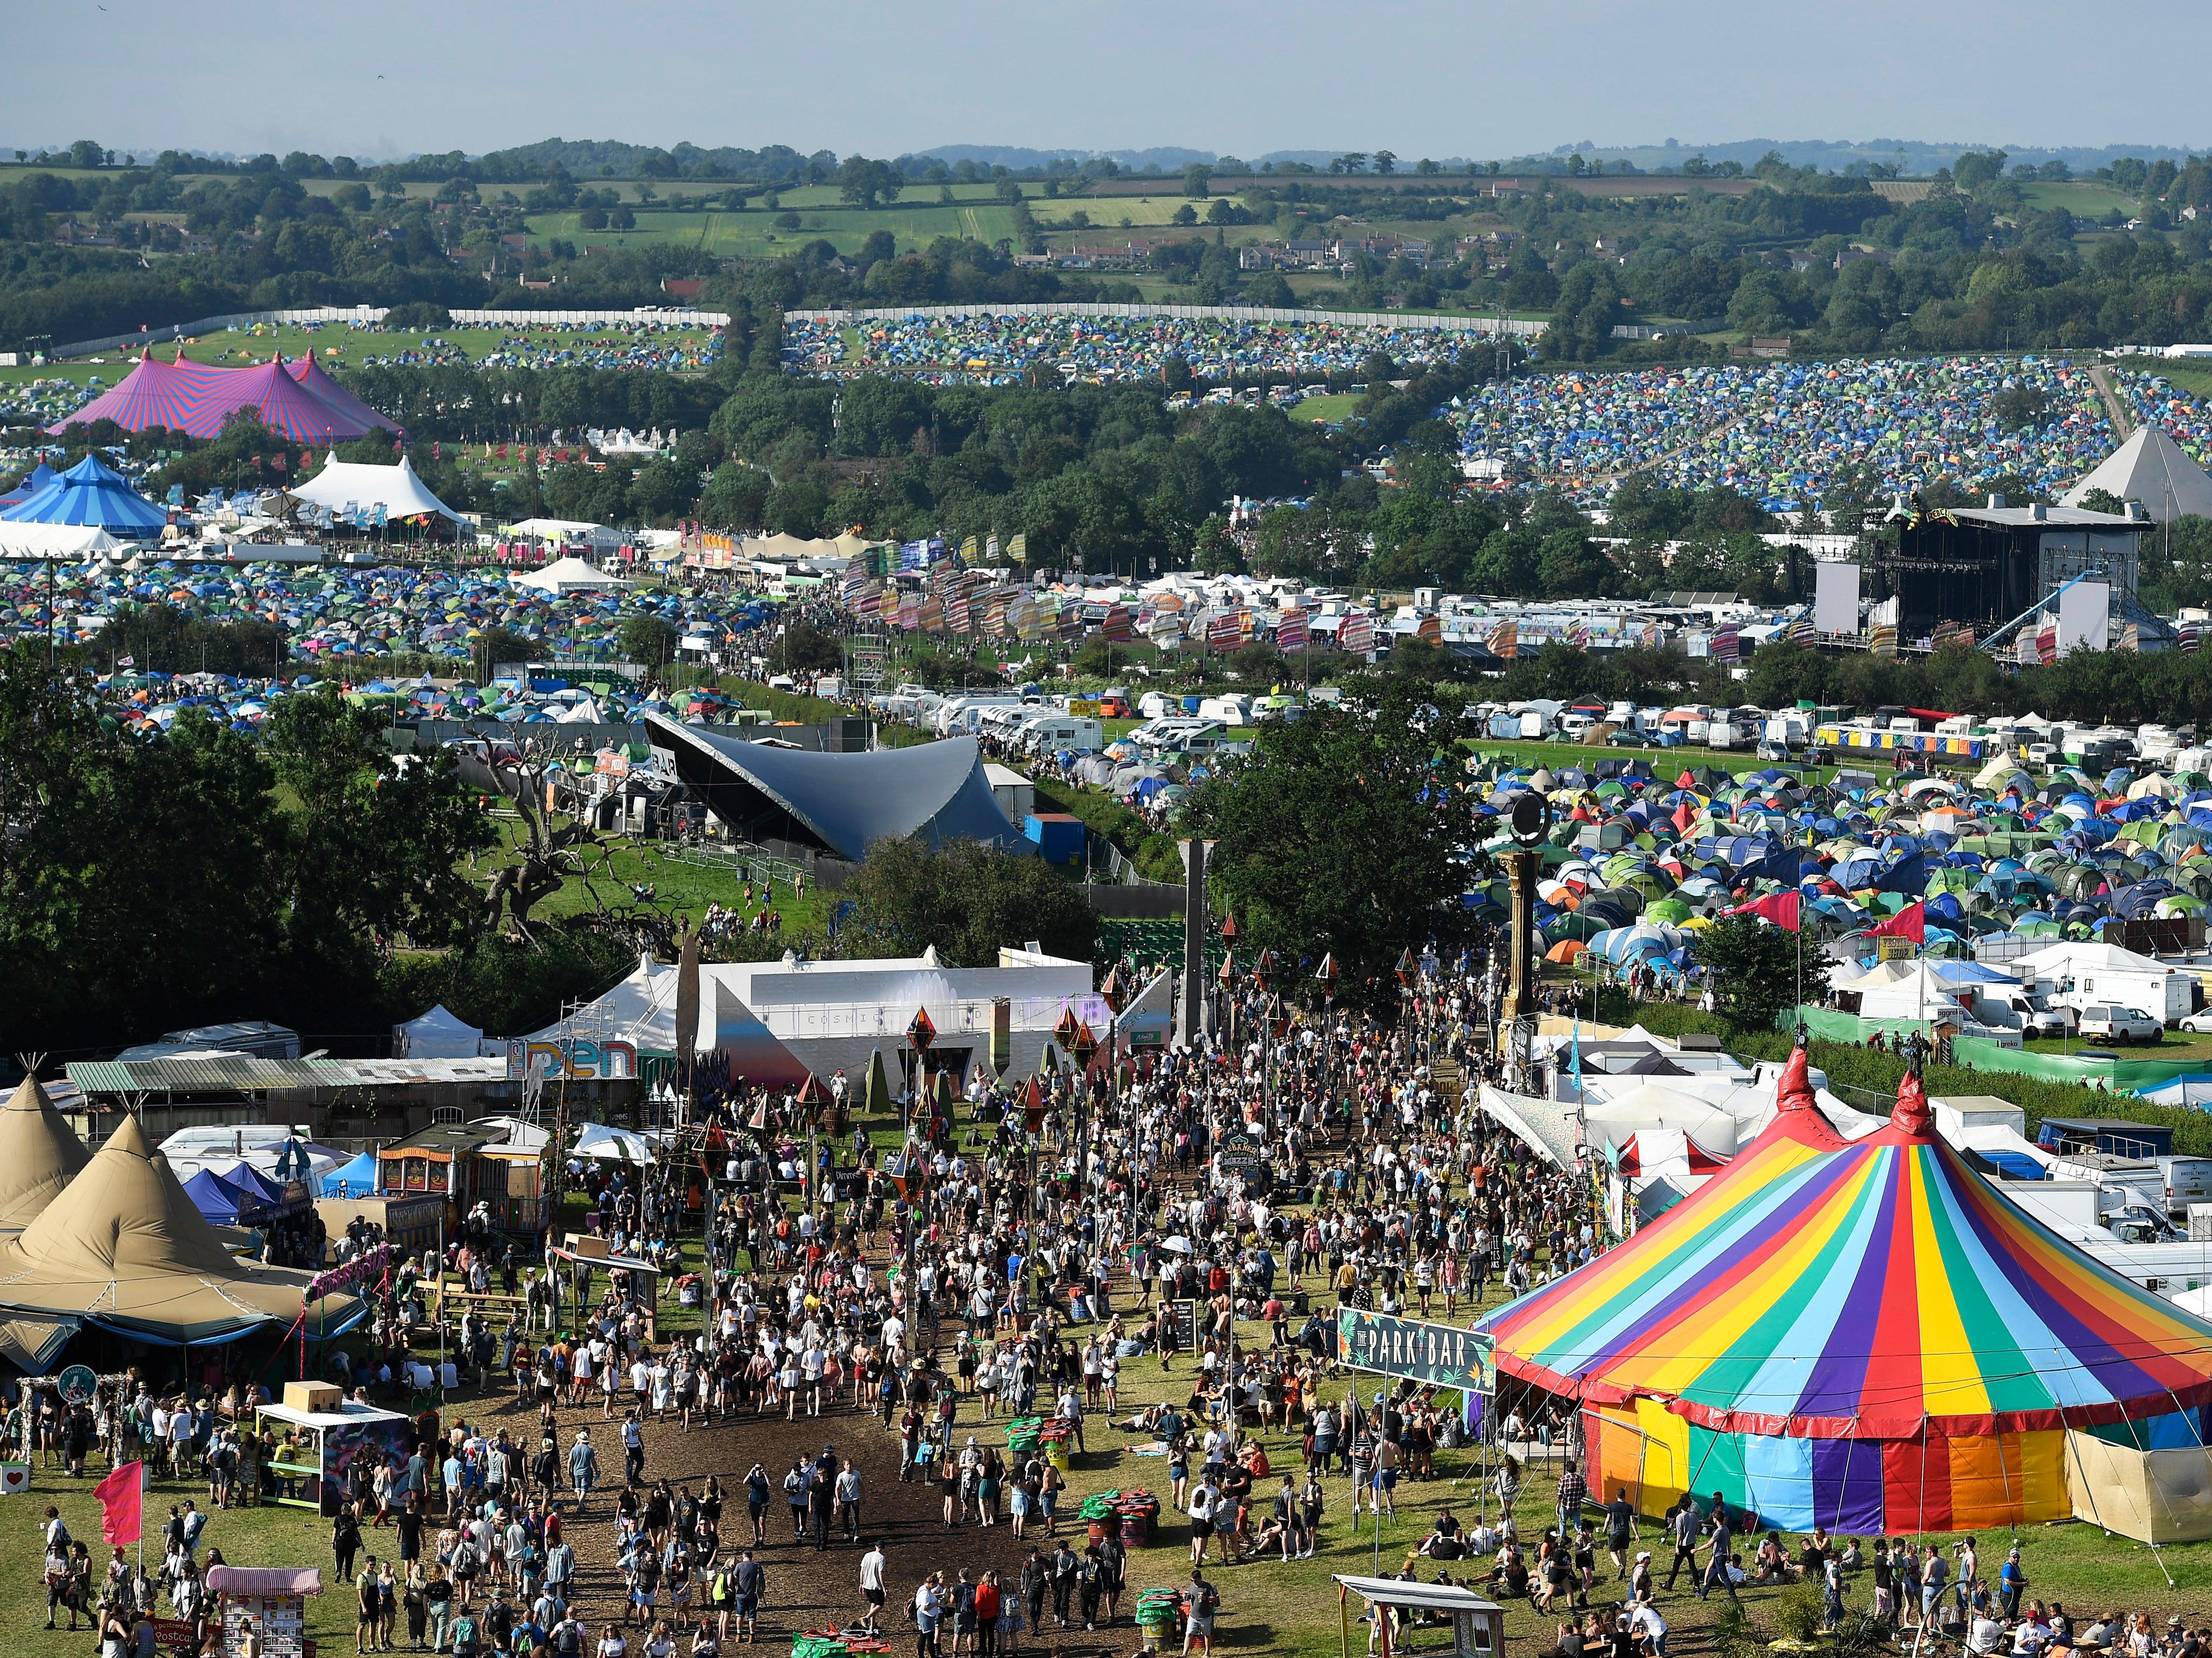 Glastonbury founder Michael Eavis gives update on 2021 festival